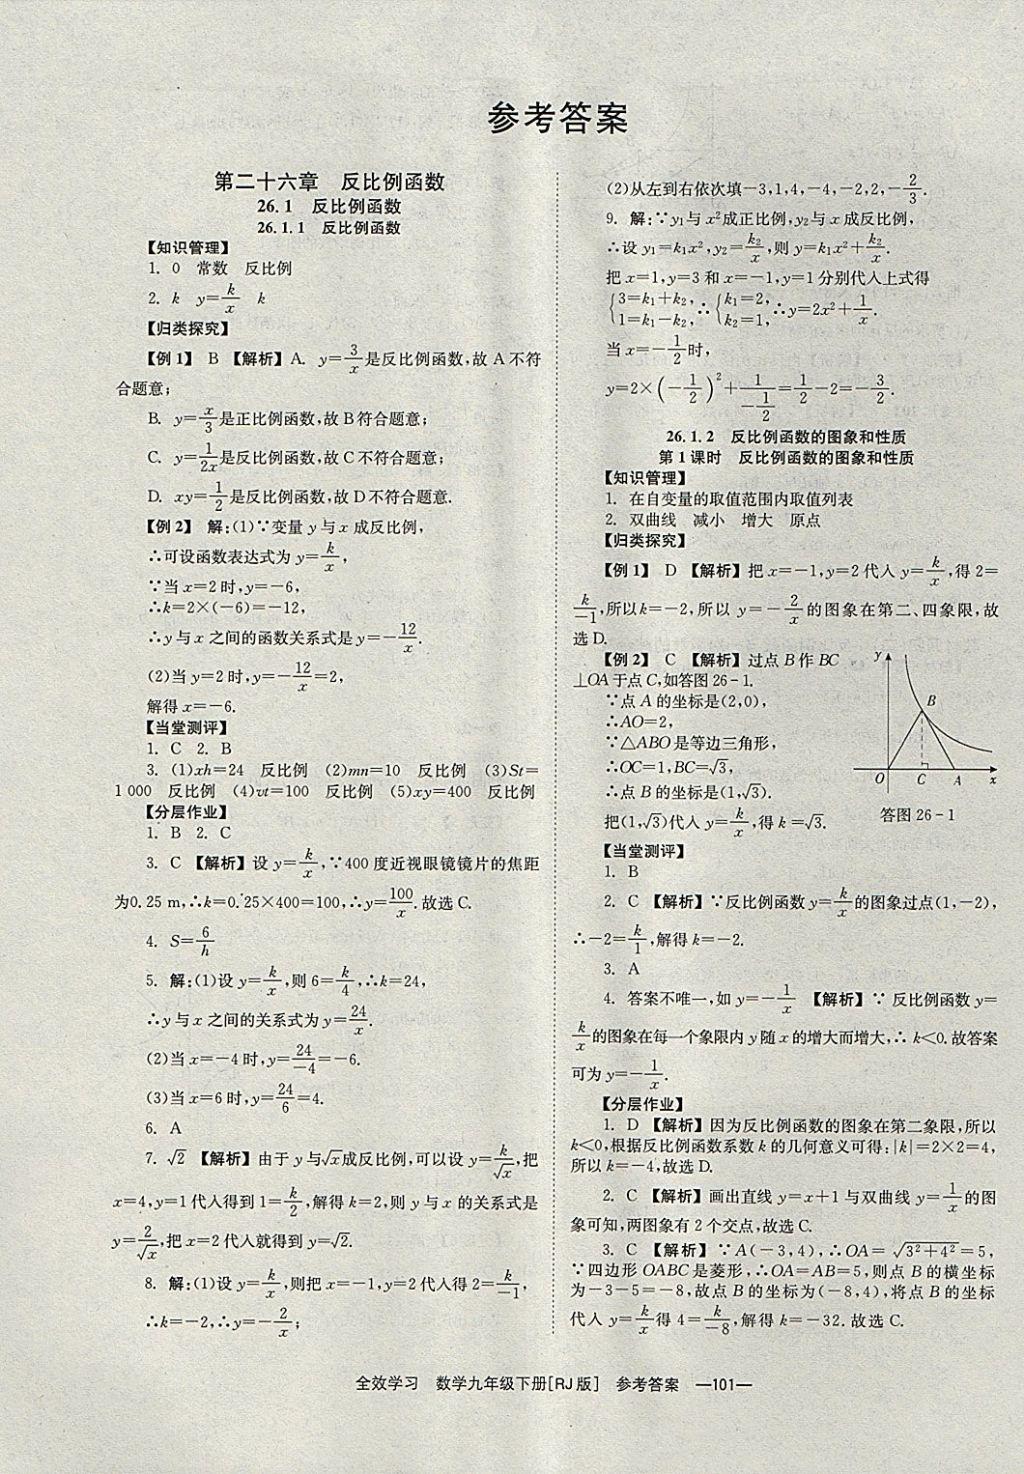 2018年全效学习九年级数学下册人教版湖南教育出版社参考答案第1页